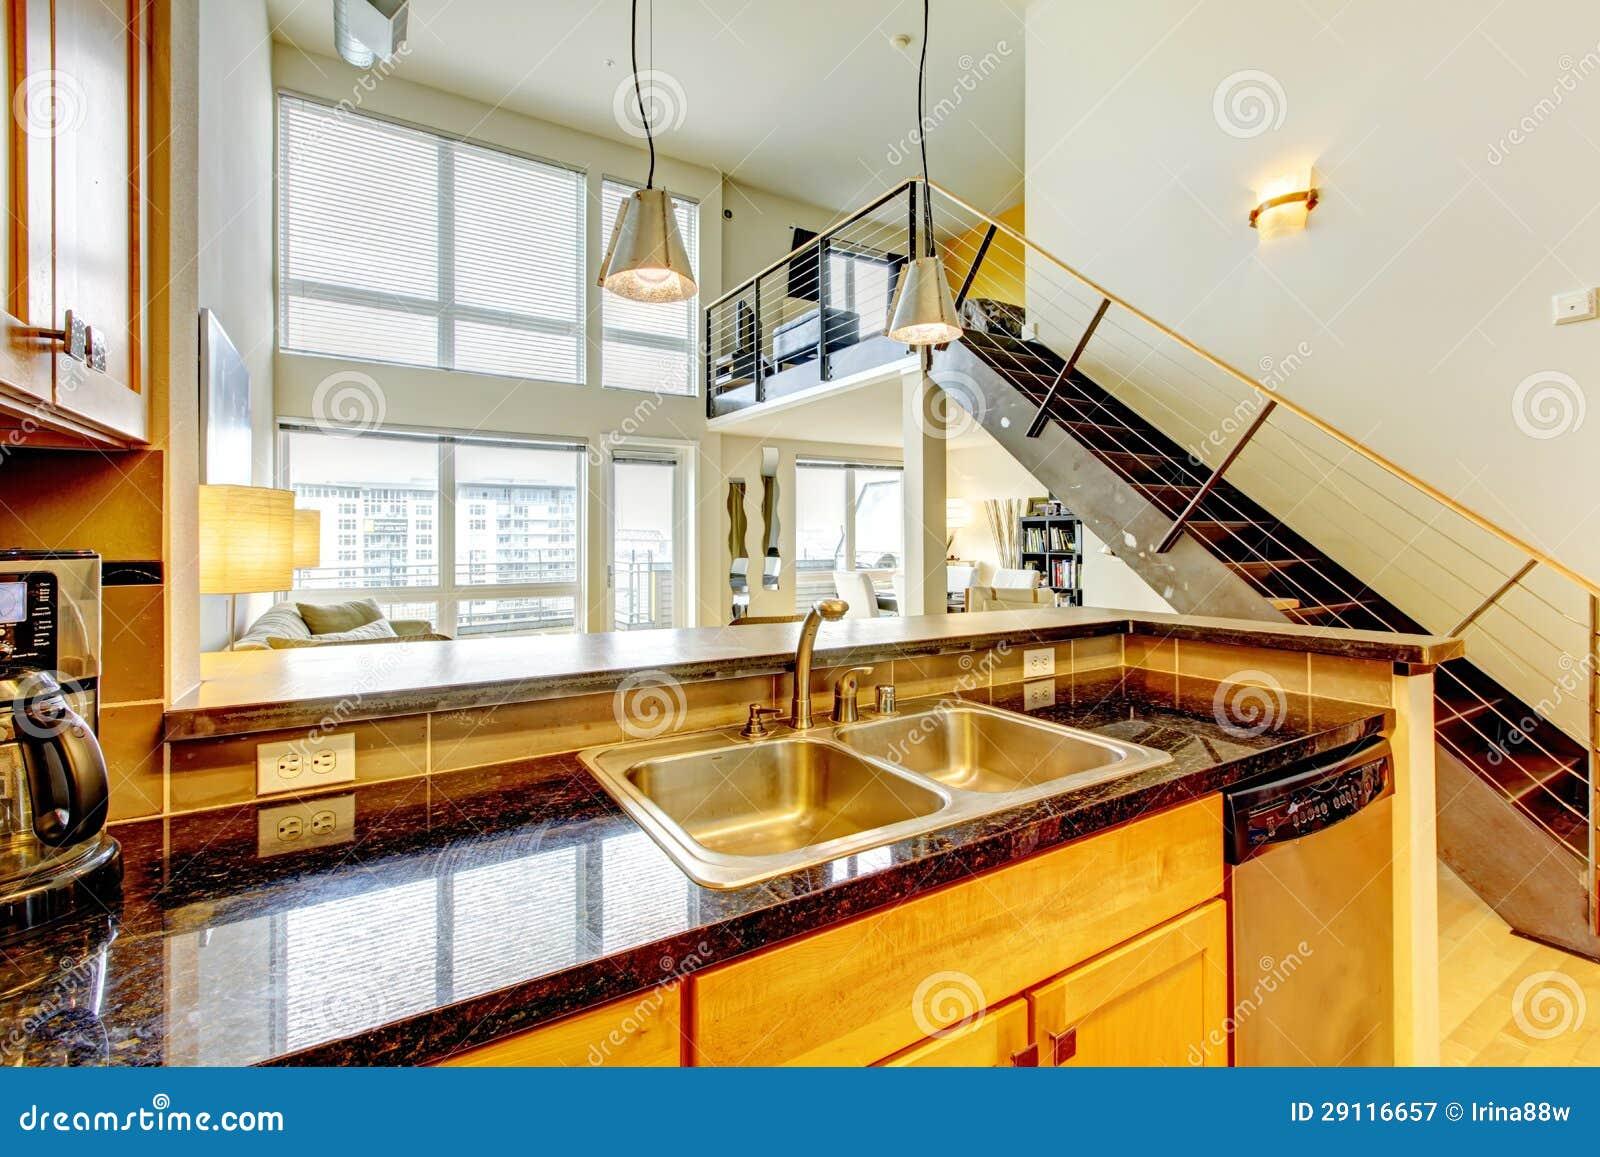 Keuken Met Trap : De moderne flat van de zolder met houten keuken en trap. stock